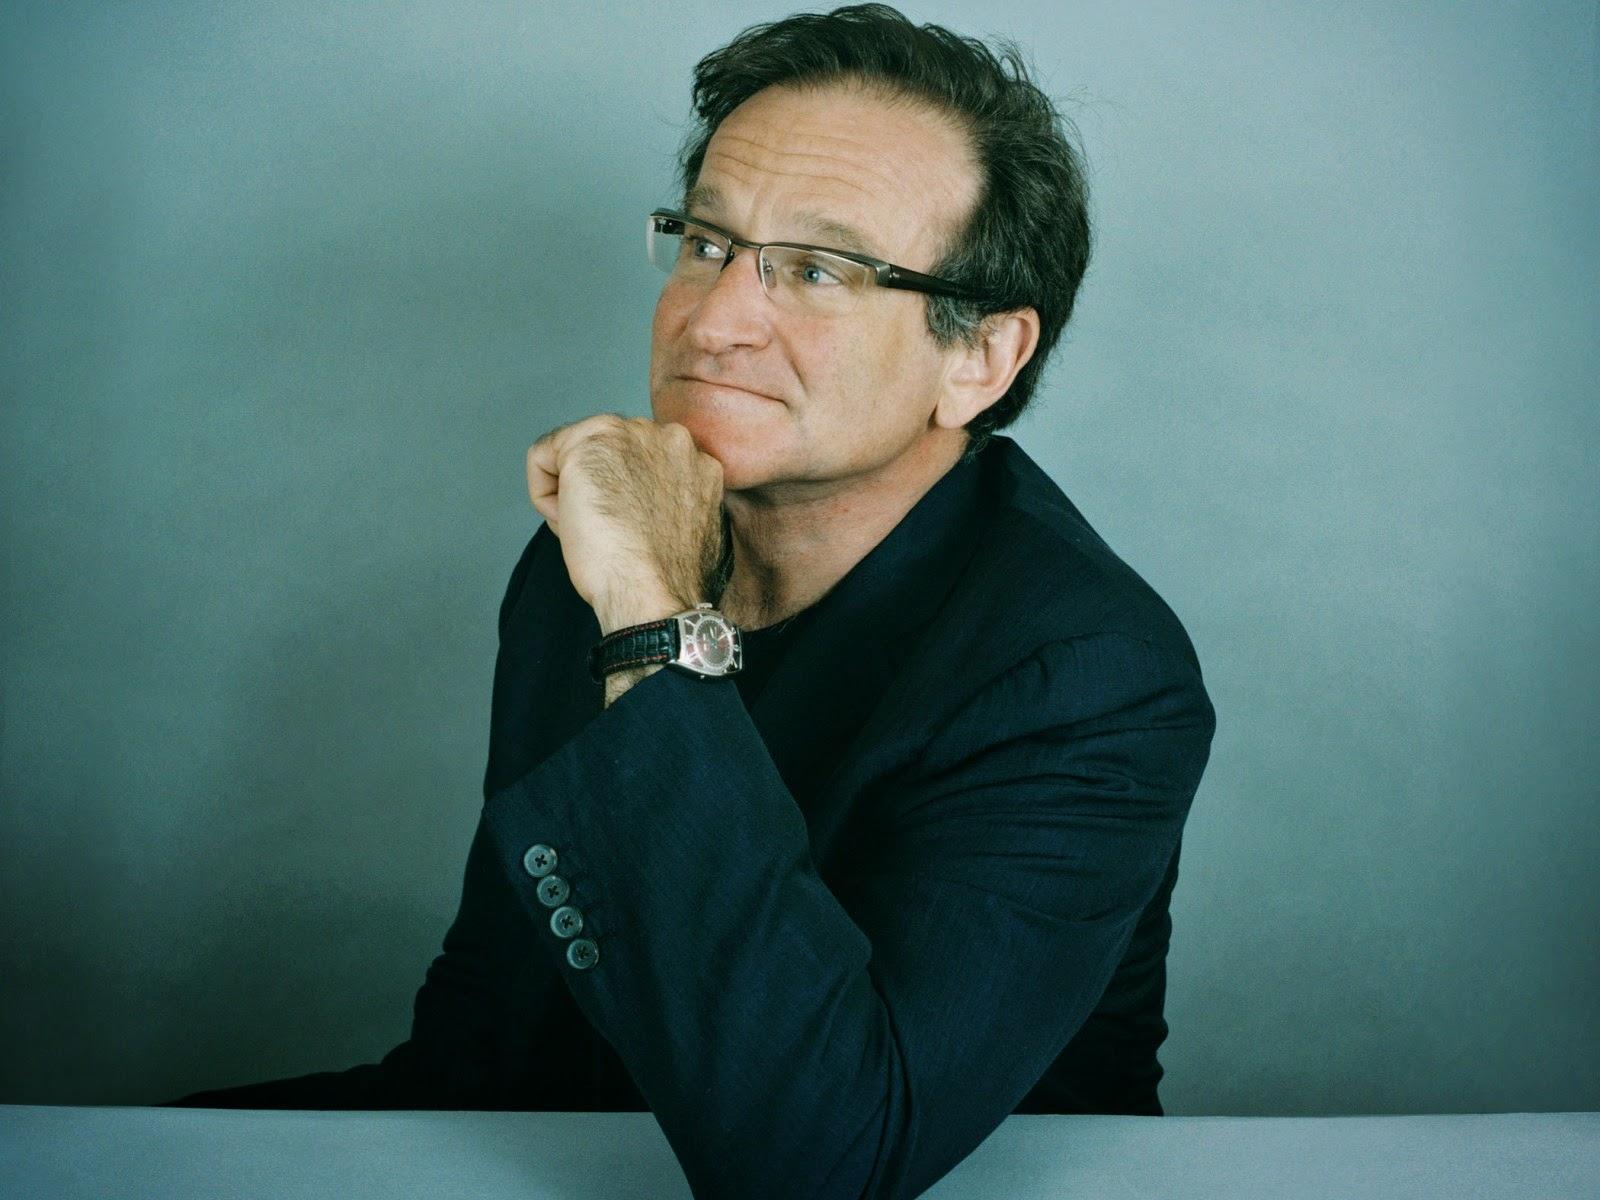 Muere Robin Williams. MÁS CINE. Making Of. Noticias